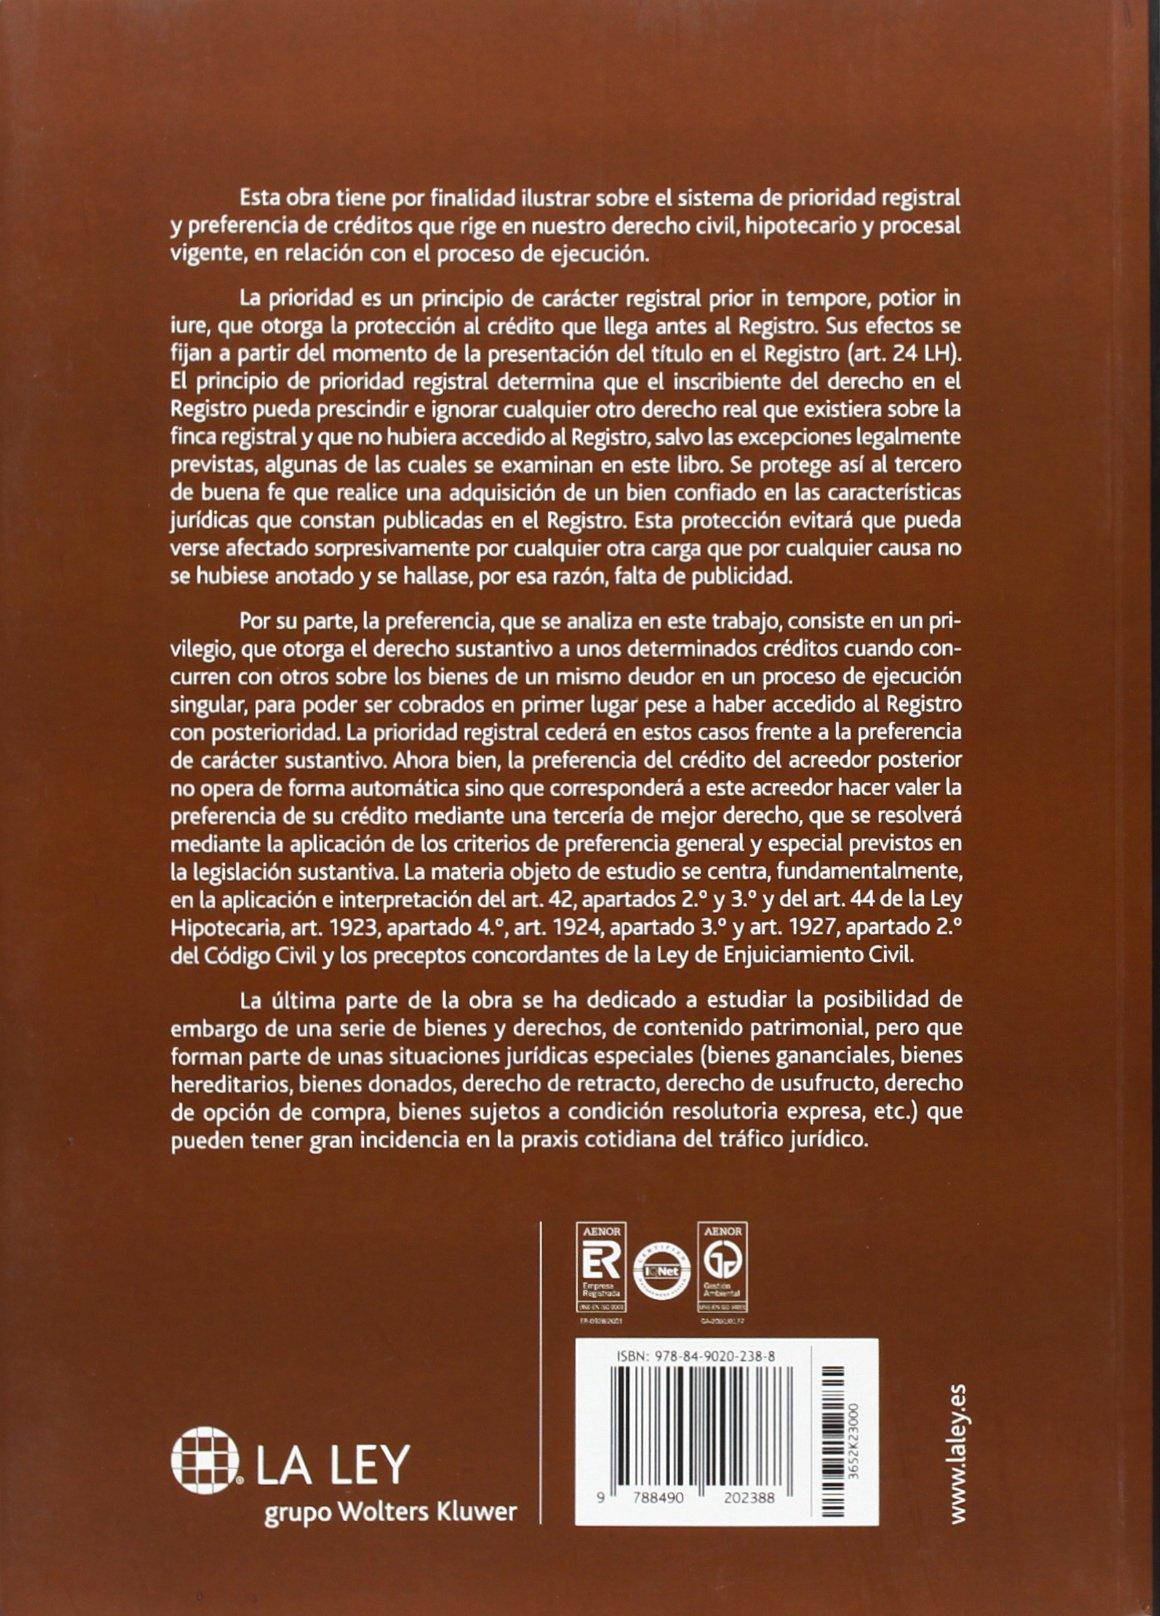 Proceso de ejecución y registro de la propiedad Temas La Ley: Amazon.es: José María Rifá Soler: Libros